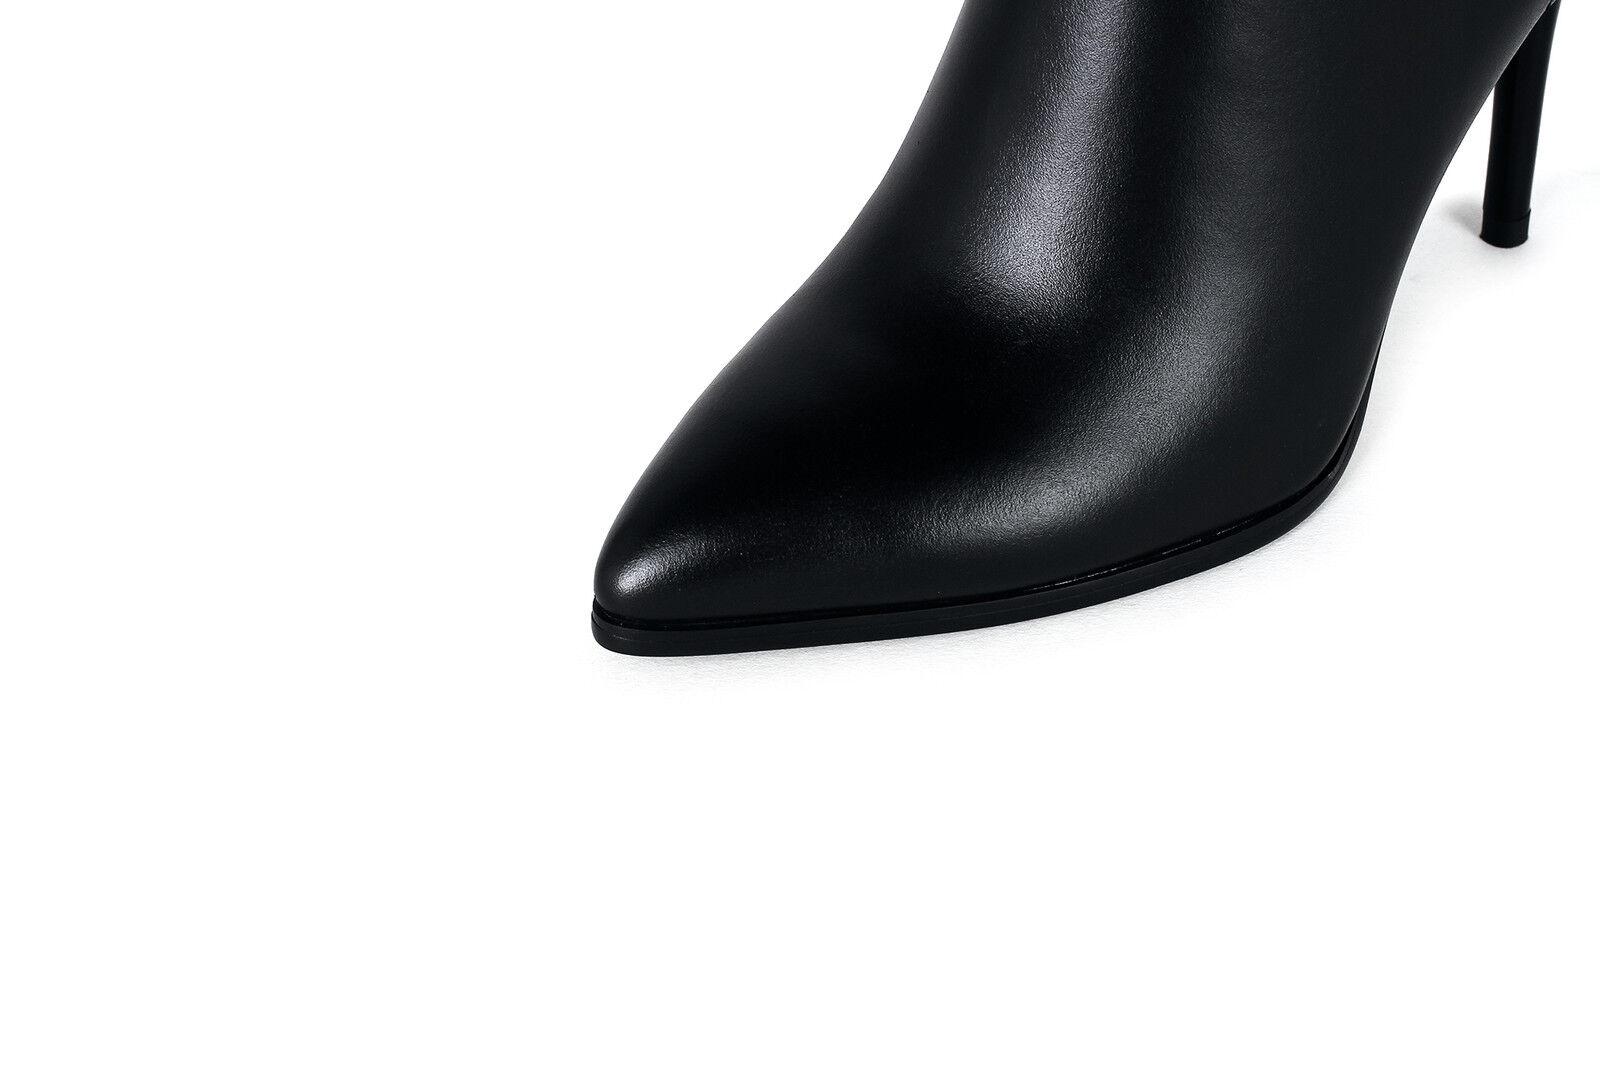 Zapatos Para Mujer Mujer Mujer Cuero Auténtico Tacón Alto Tacones Altos Cremallera Hasta Rodilla Botas Talla b060 96f966